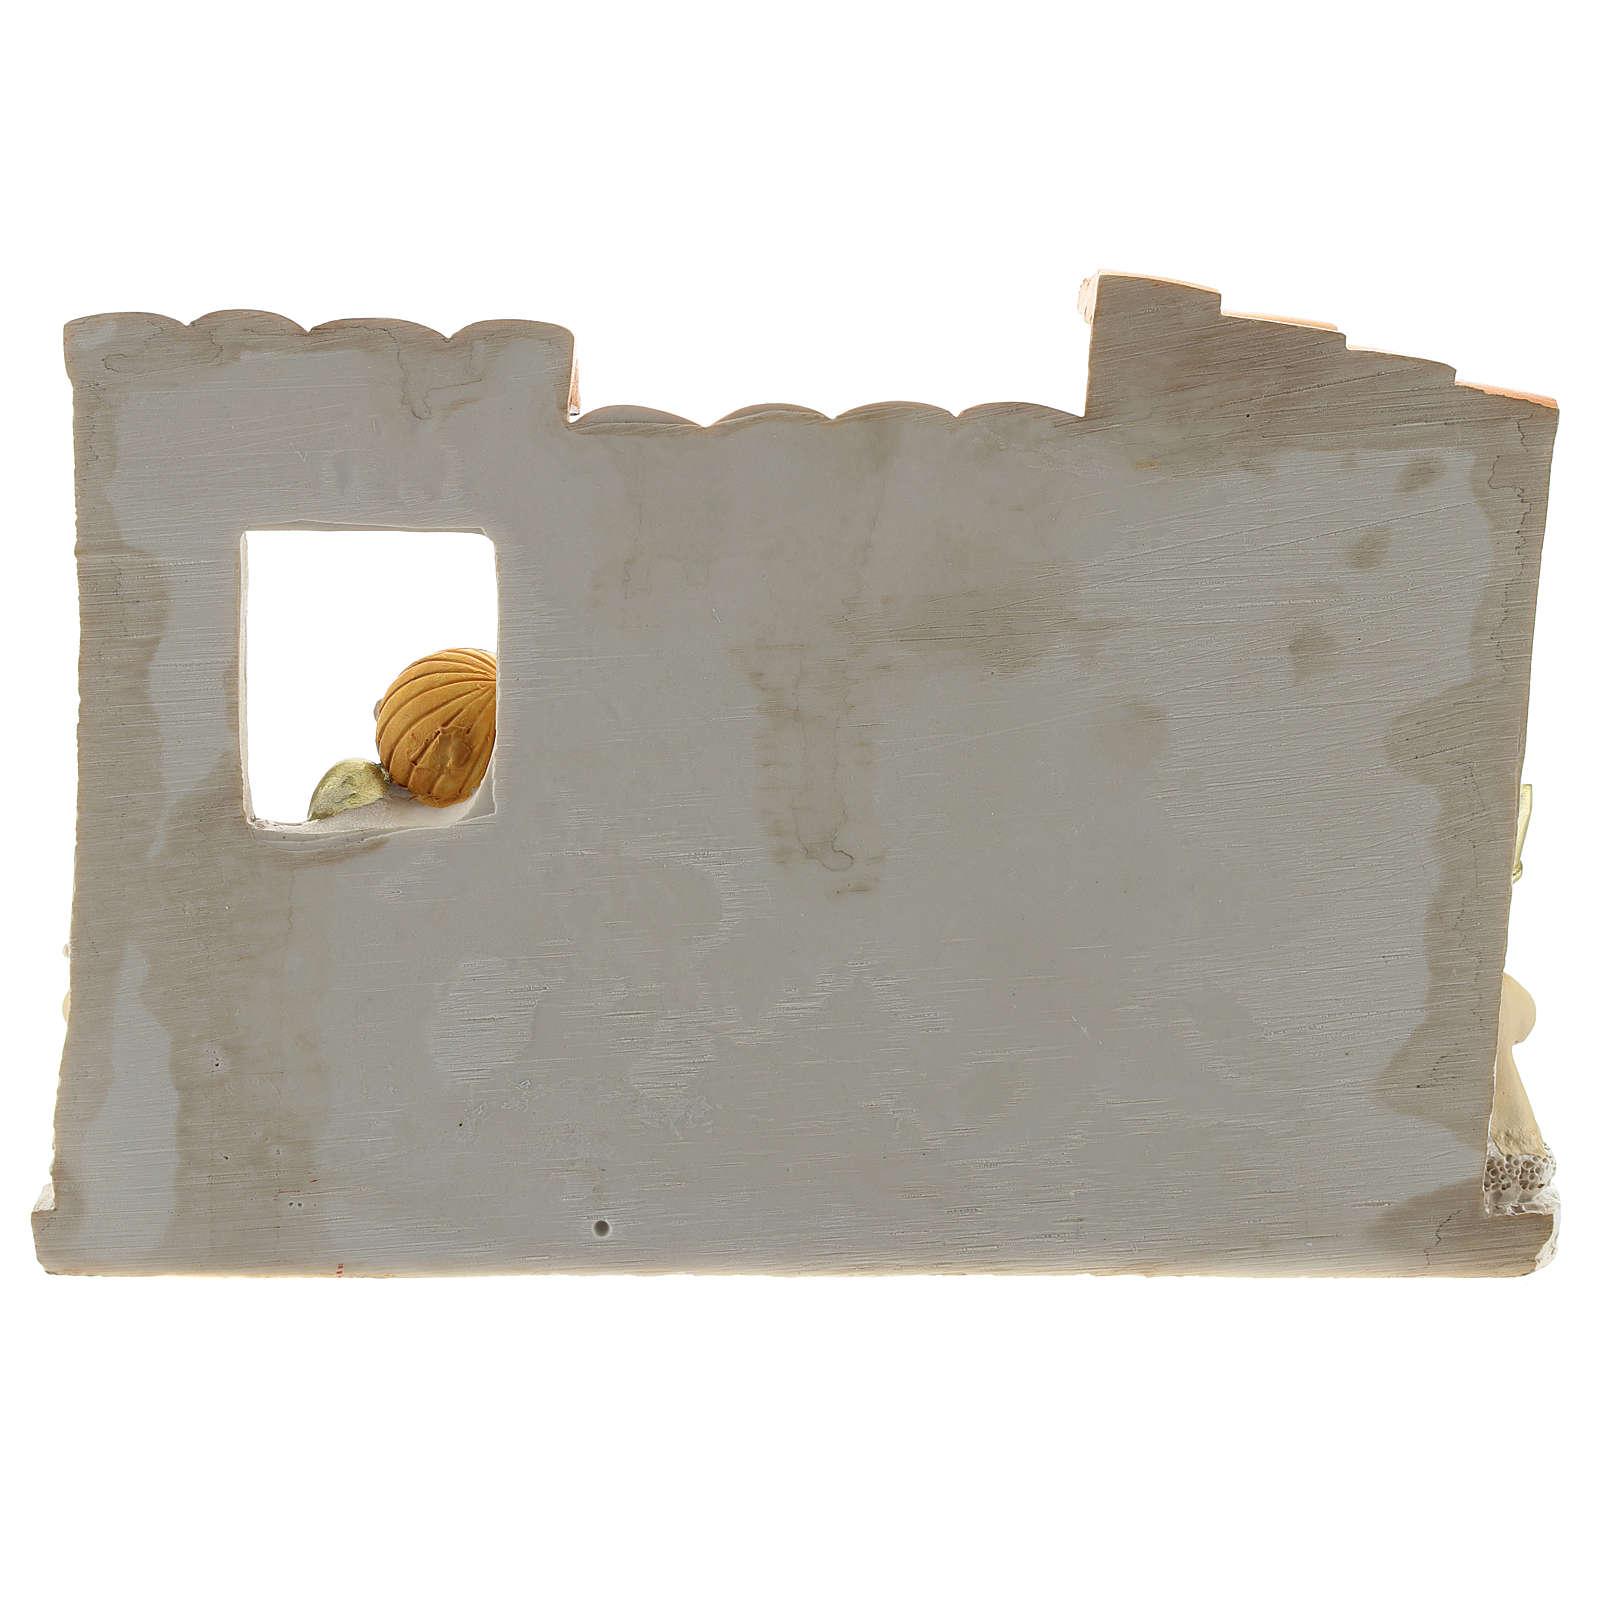 Presepe casolare resina 10 personaggi 10x15 cm linea bambini 4